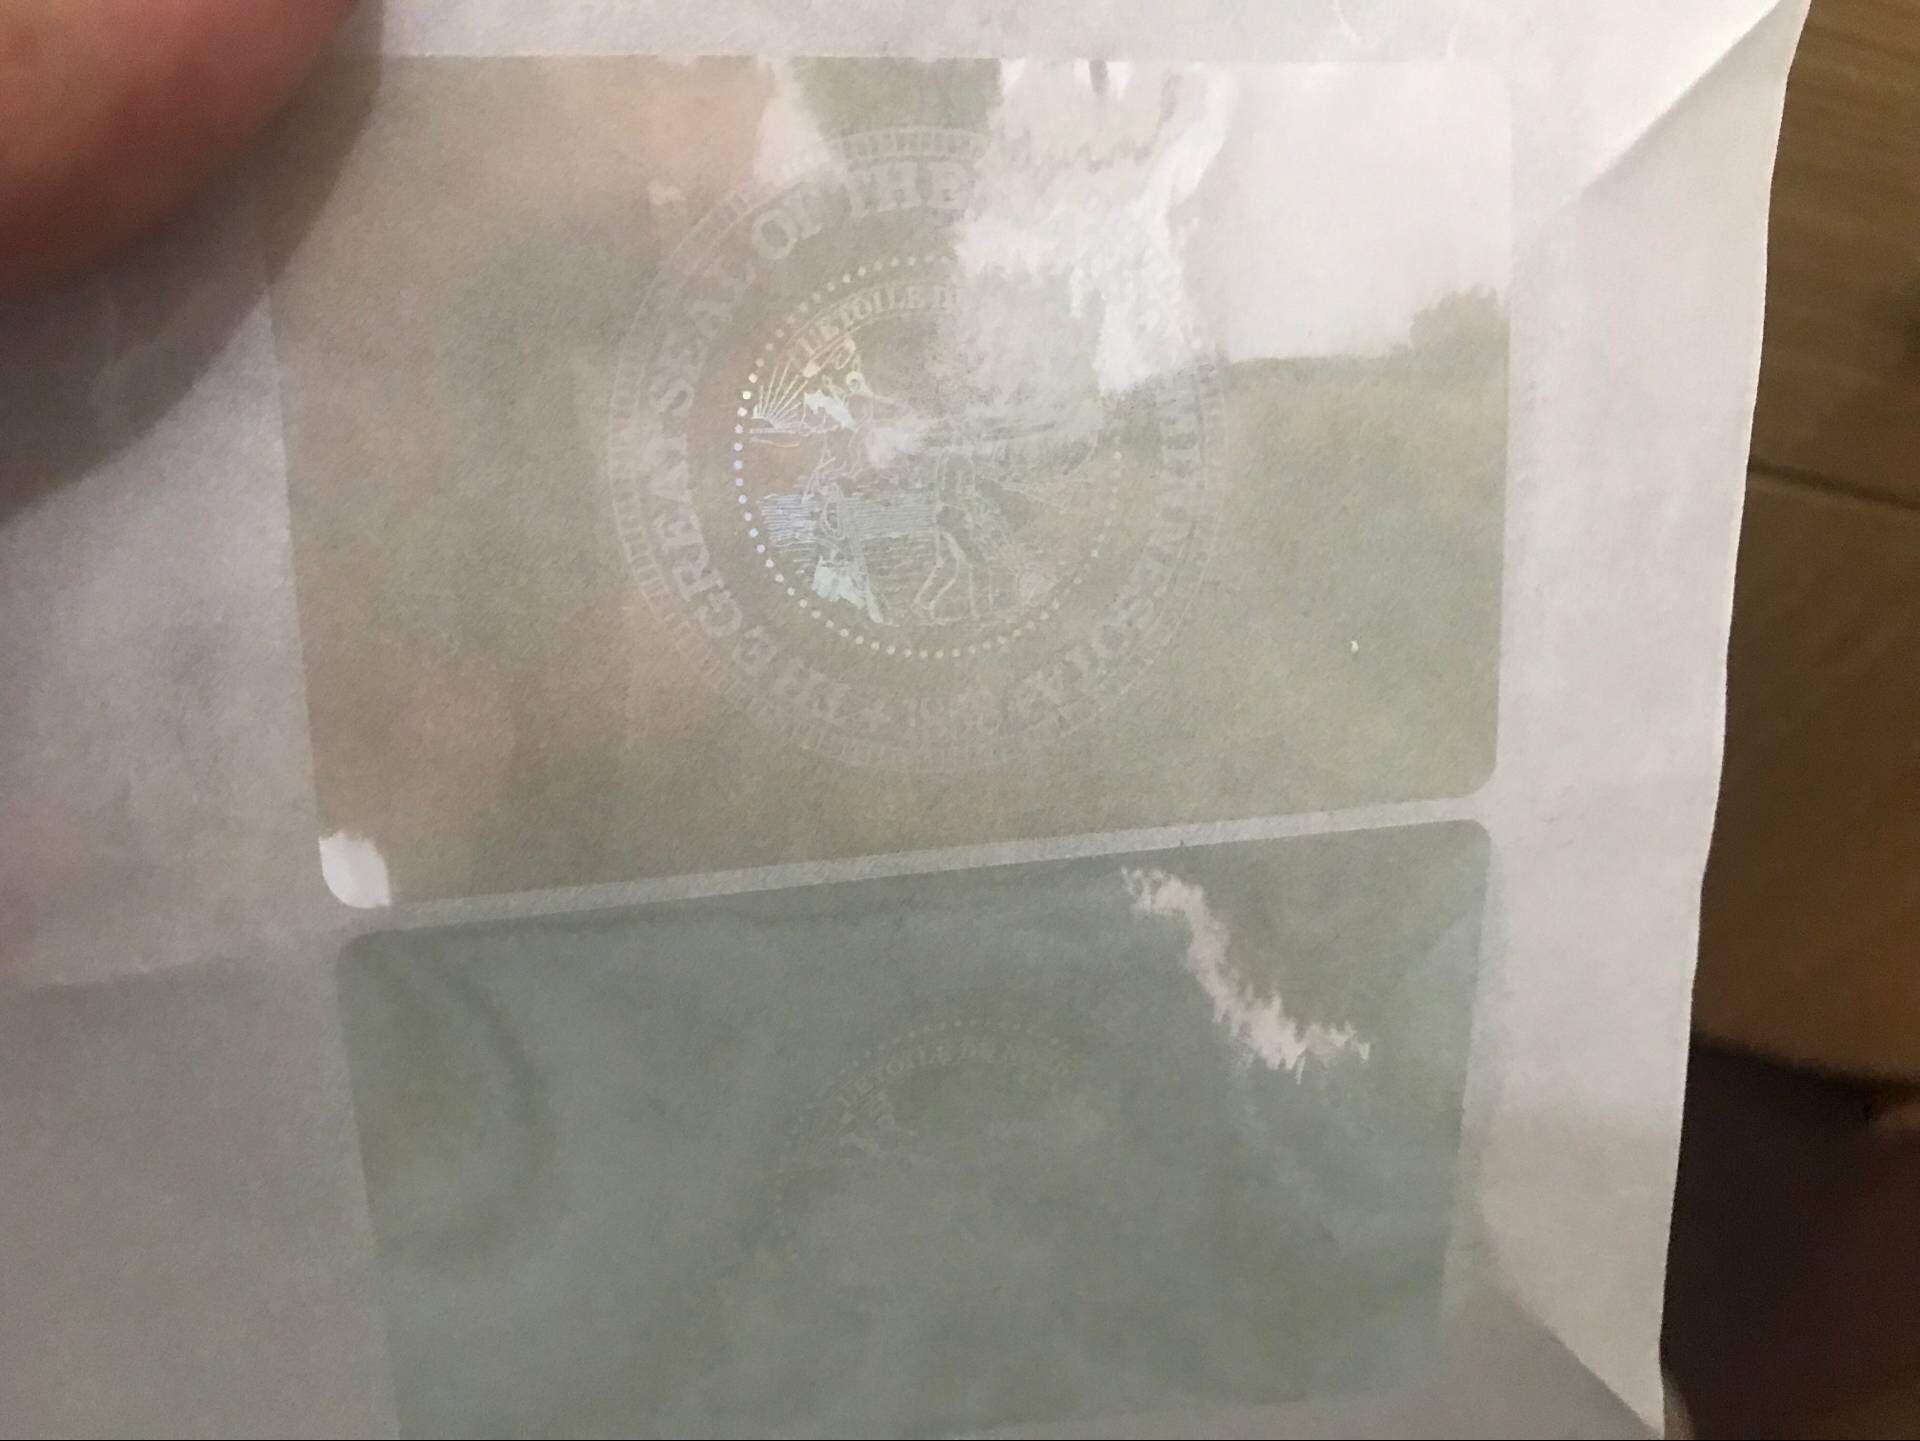 Minnesota ID Overlay hologram